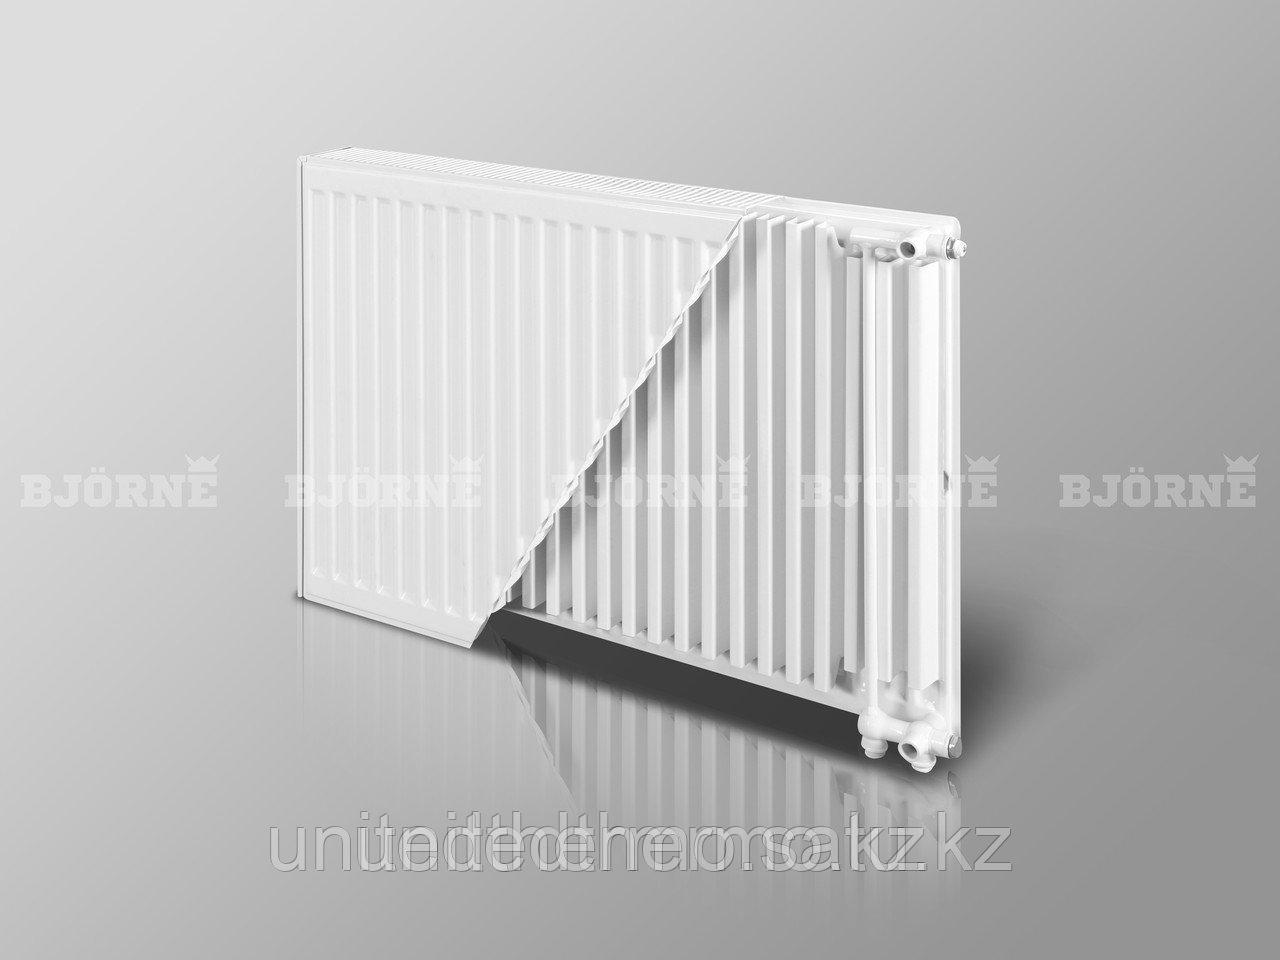 Стальной панельный радиатор Bjorne тип 22VK  H500мм*L1600мм нижнее подключение